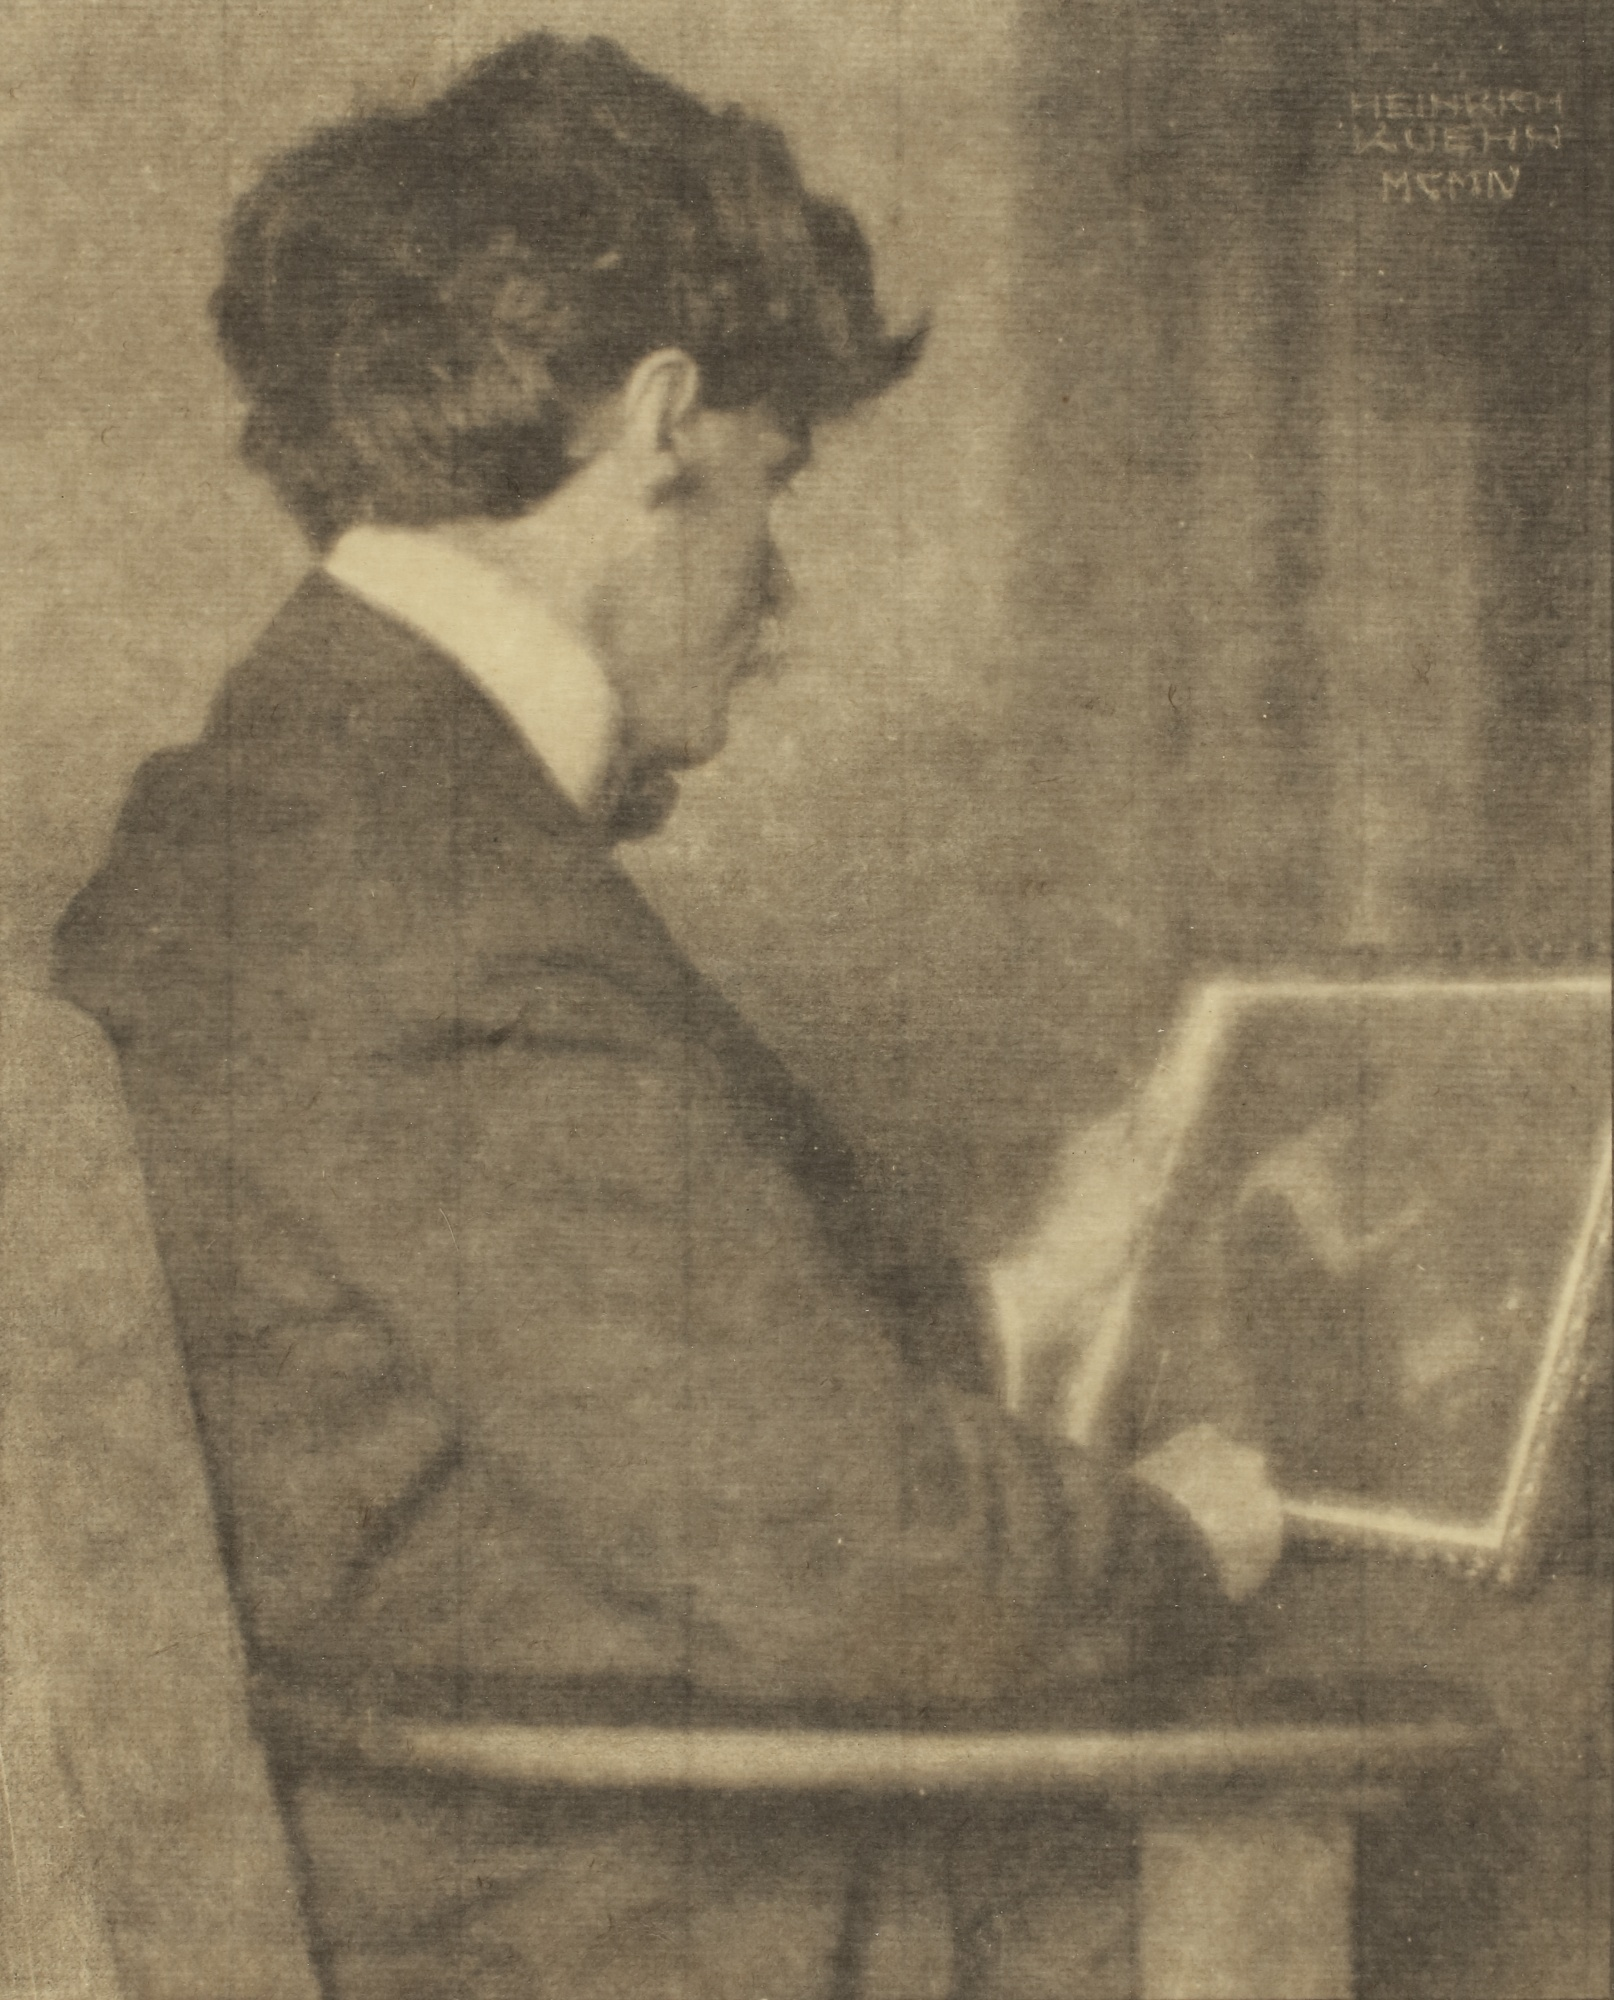 Heinrich Kuhn-Alfred Stieglitz-1904